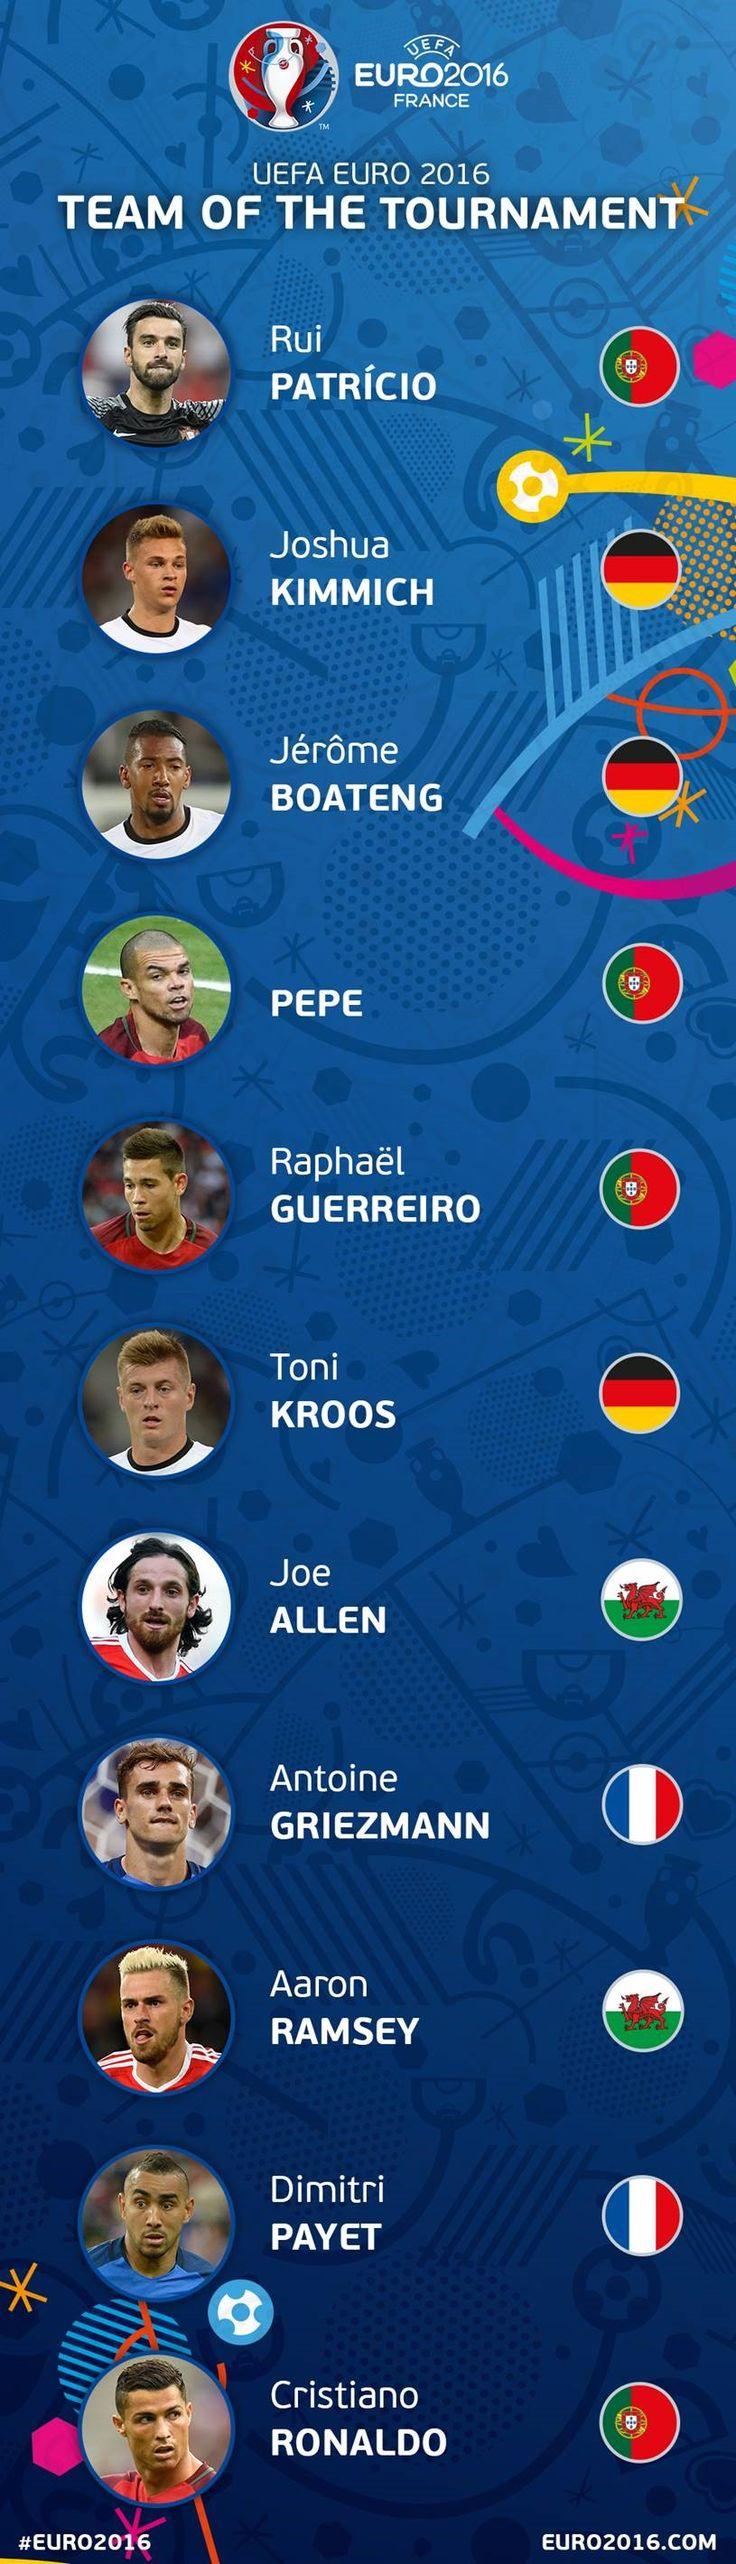 UEFA EURO 2016 Team of the Tournament revealed - UEFA EURO - News - UEFA.com